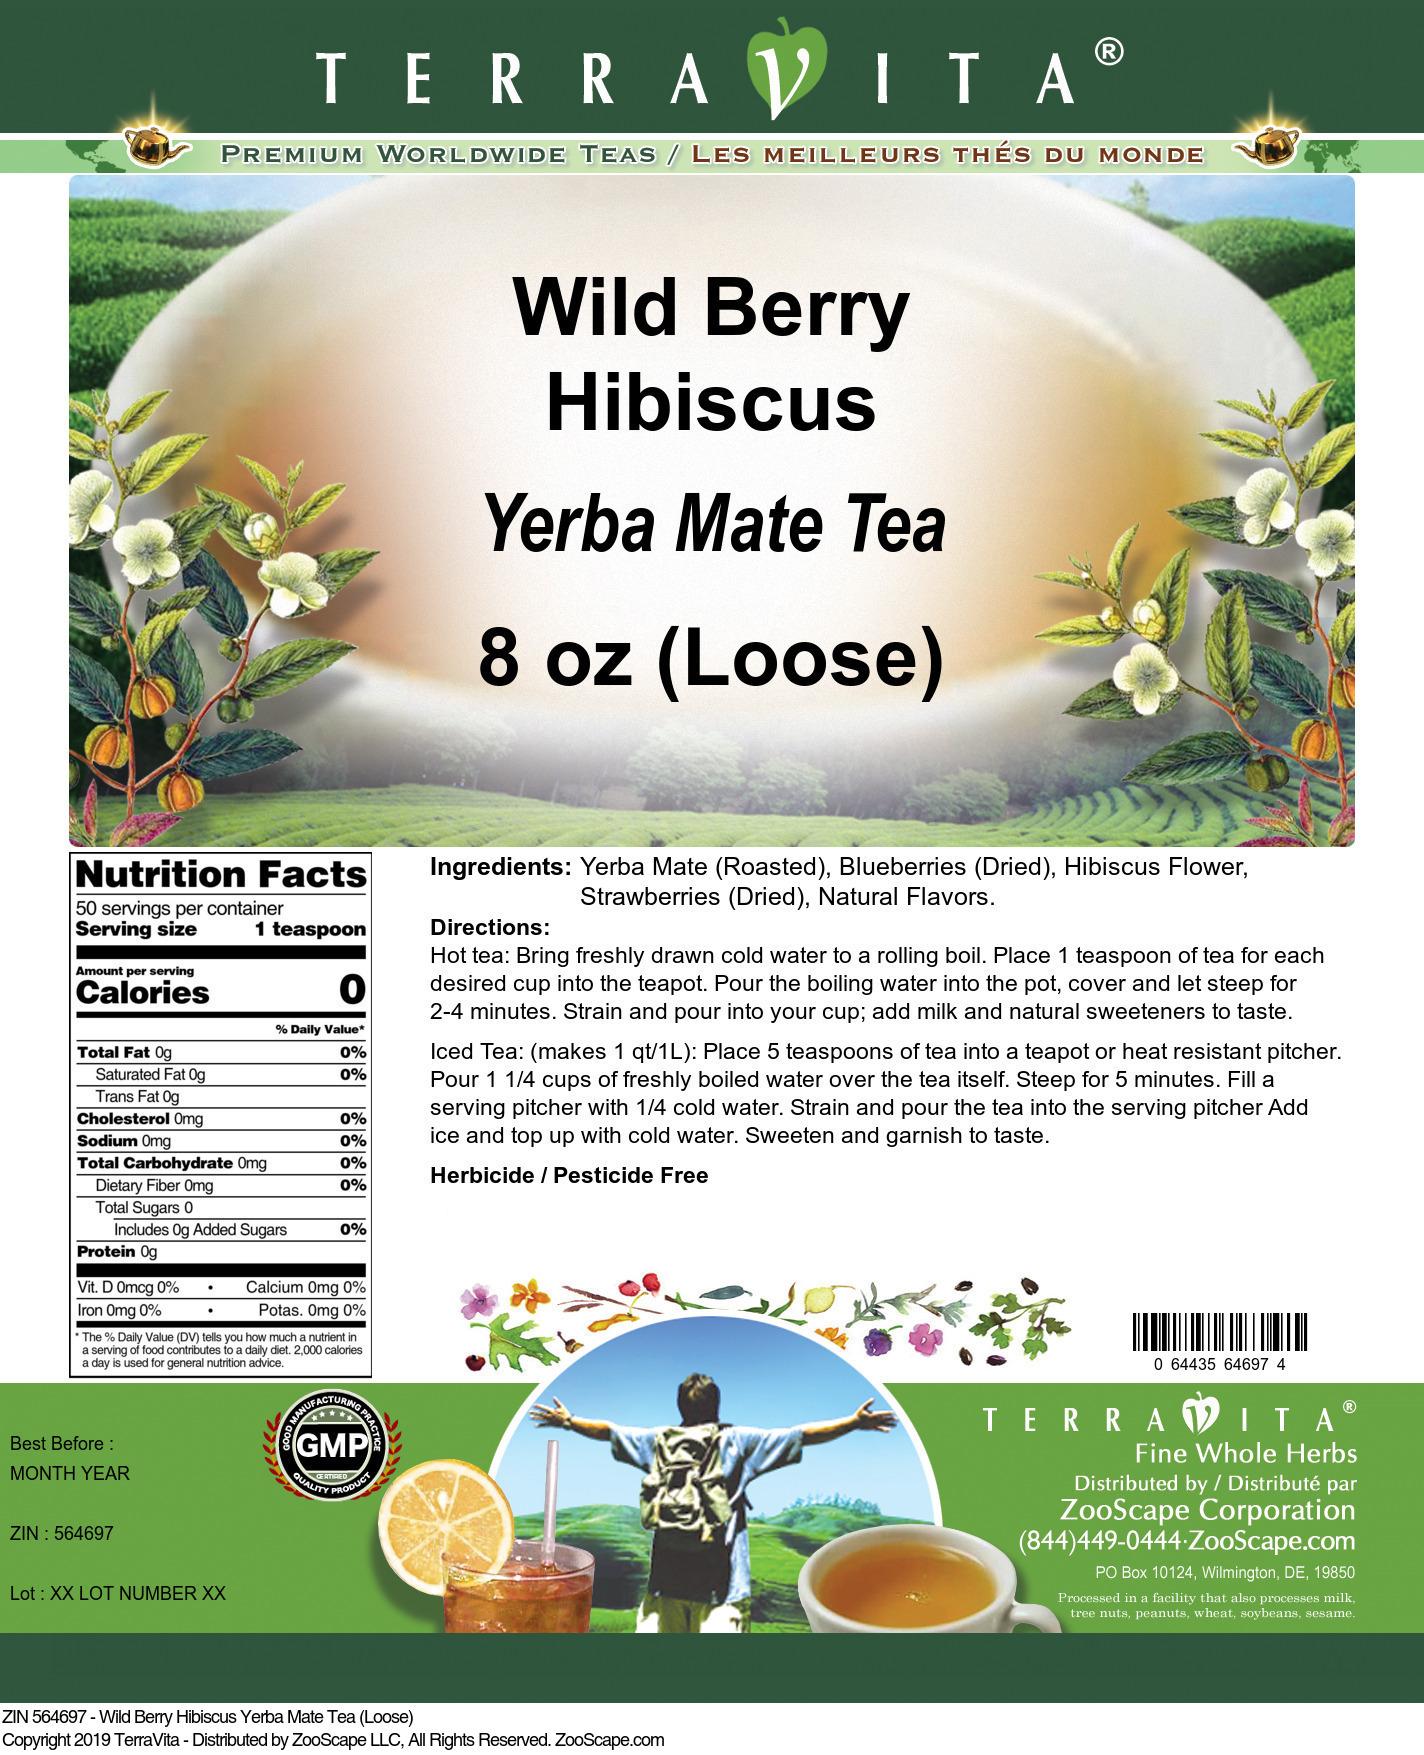 Wild Berry Hibiscus Yerba Mate